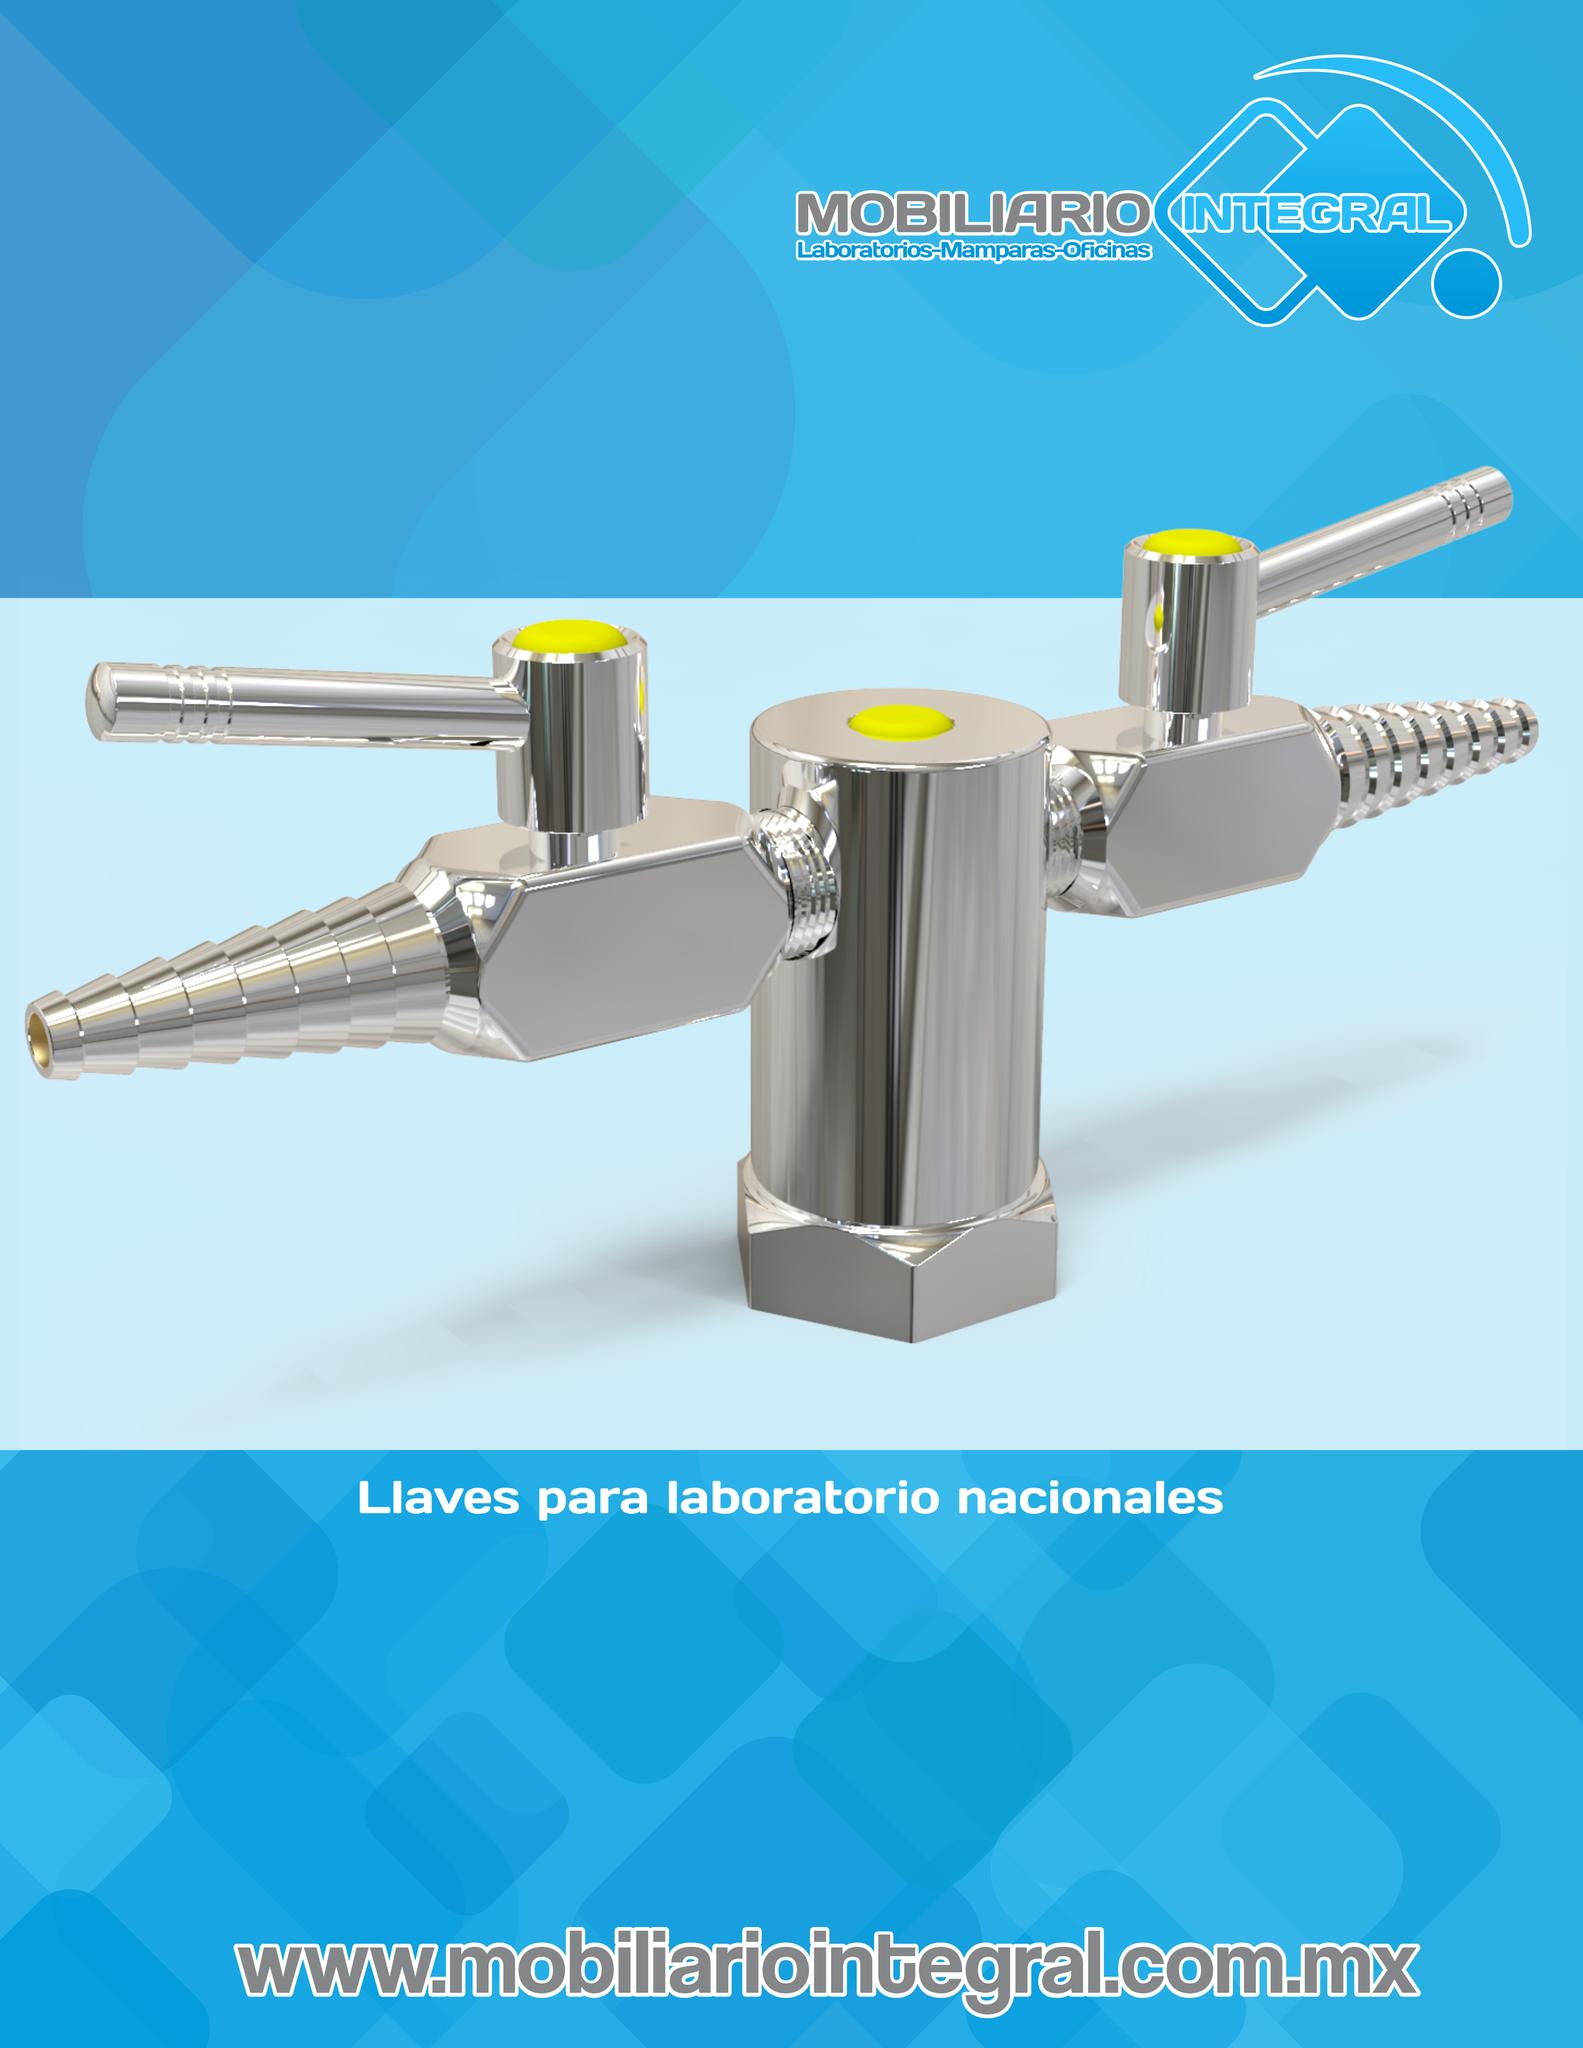 Llaves para laboratorio en Guanajuato